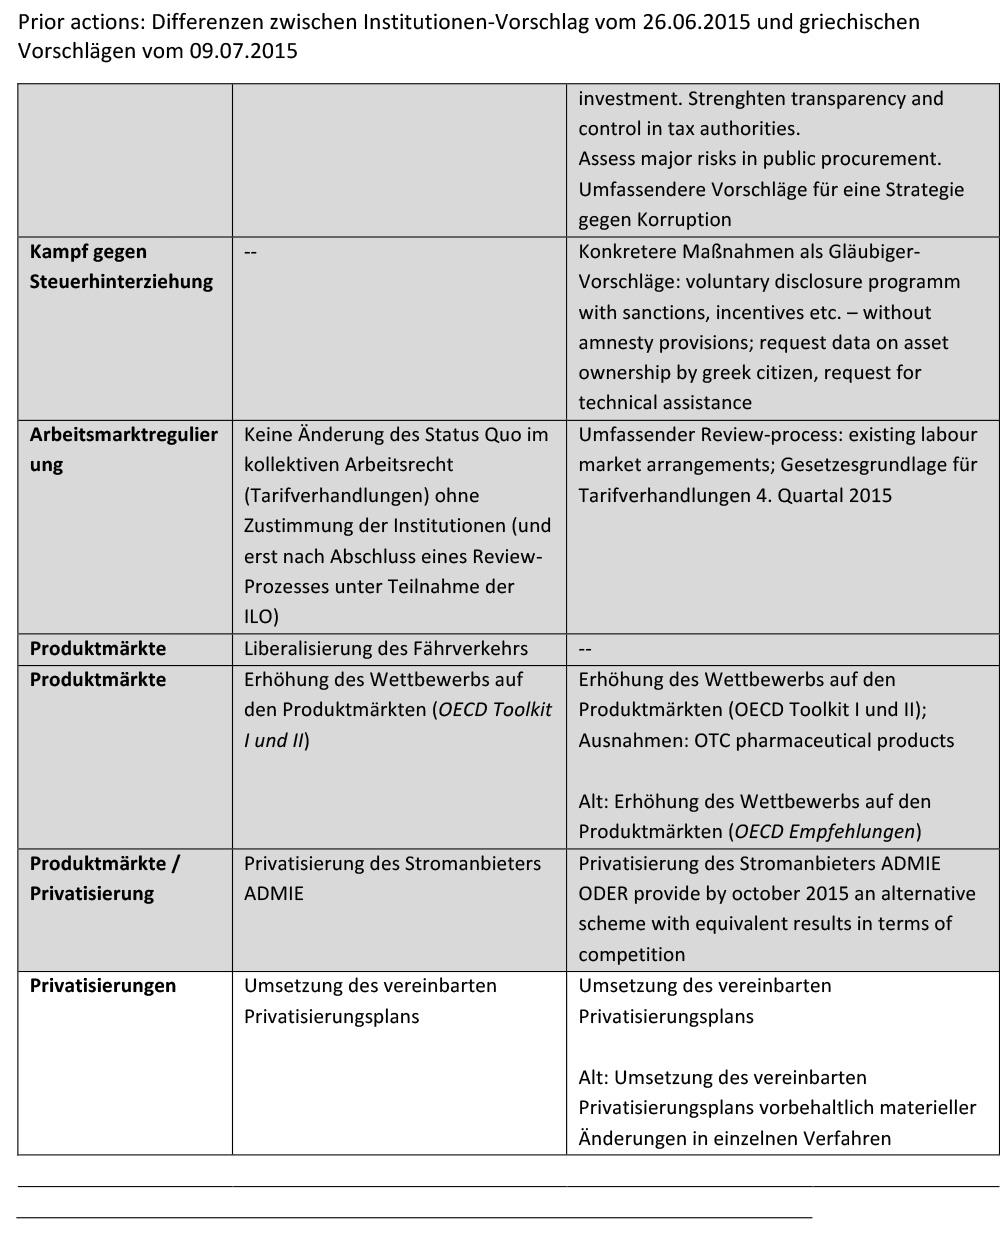 150710_prior-actions_Differenzen_Institutionen_Griechenland-3